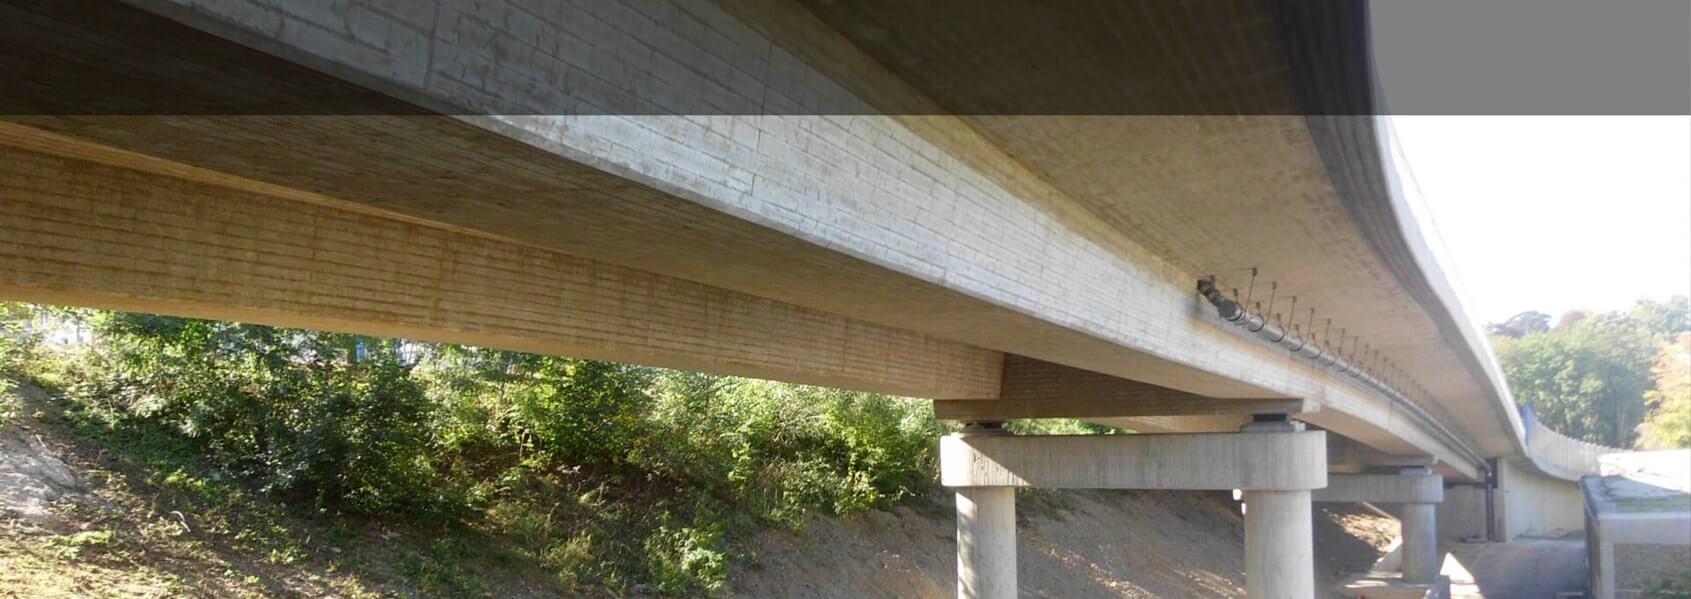 Spiekermann Fachbereich-Ingenieurbauwerke_Querspange